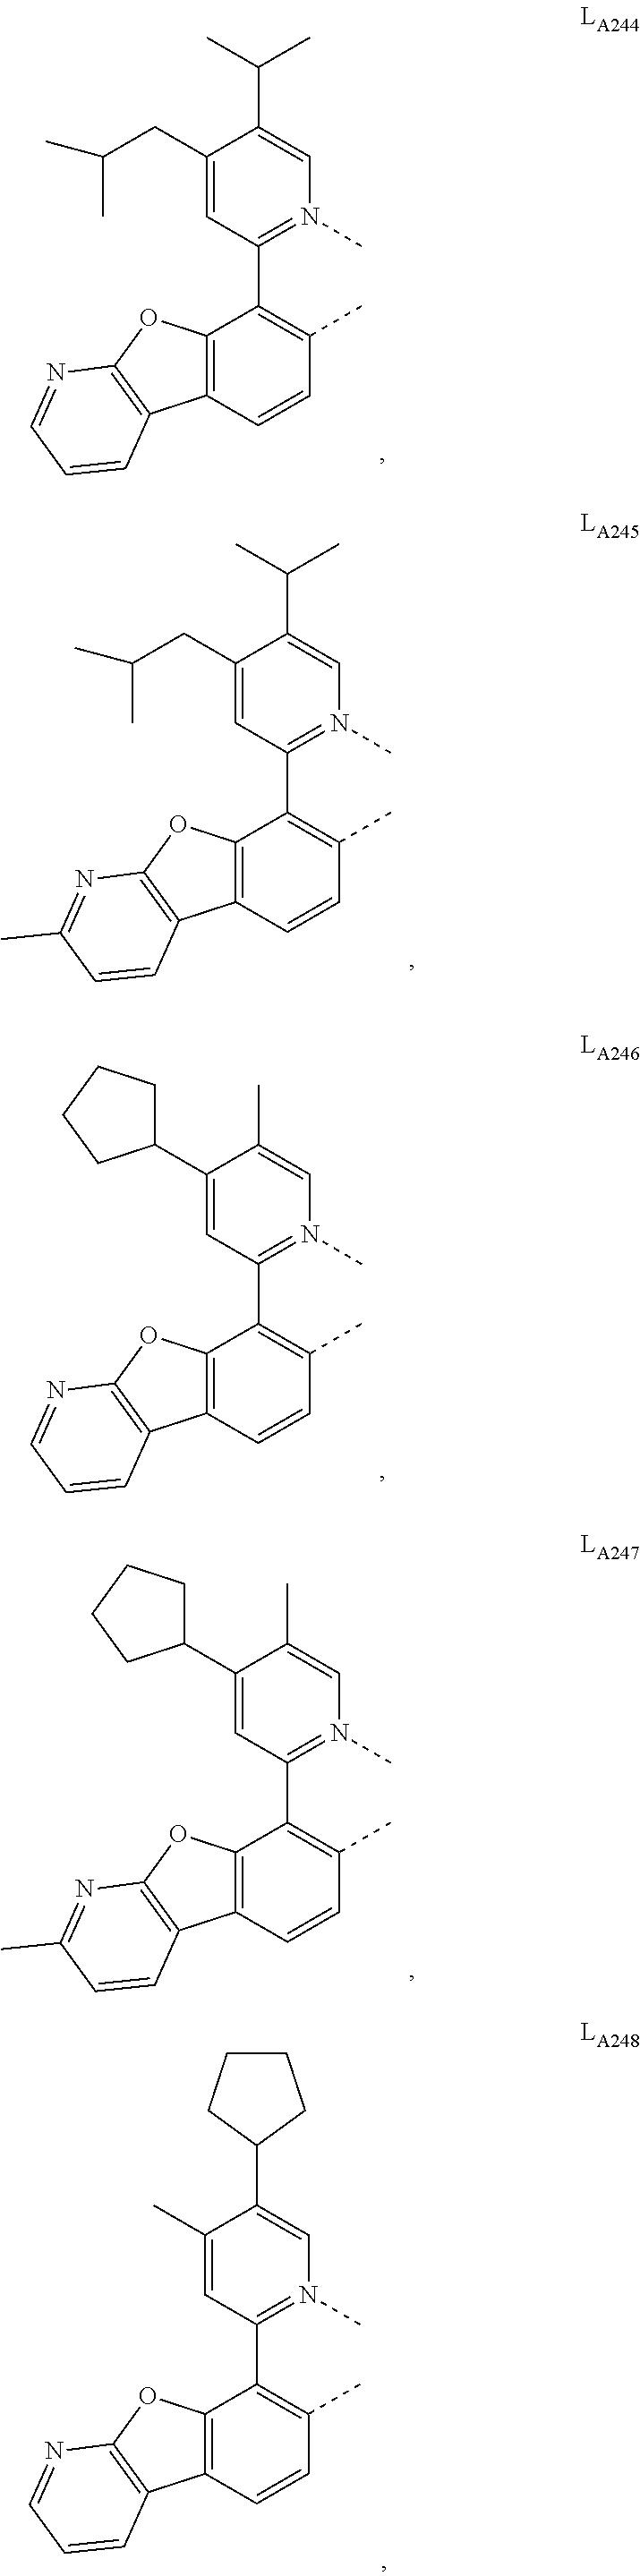 Figure US20160049599A1-20160218-C00451